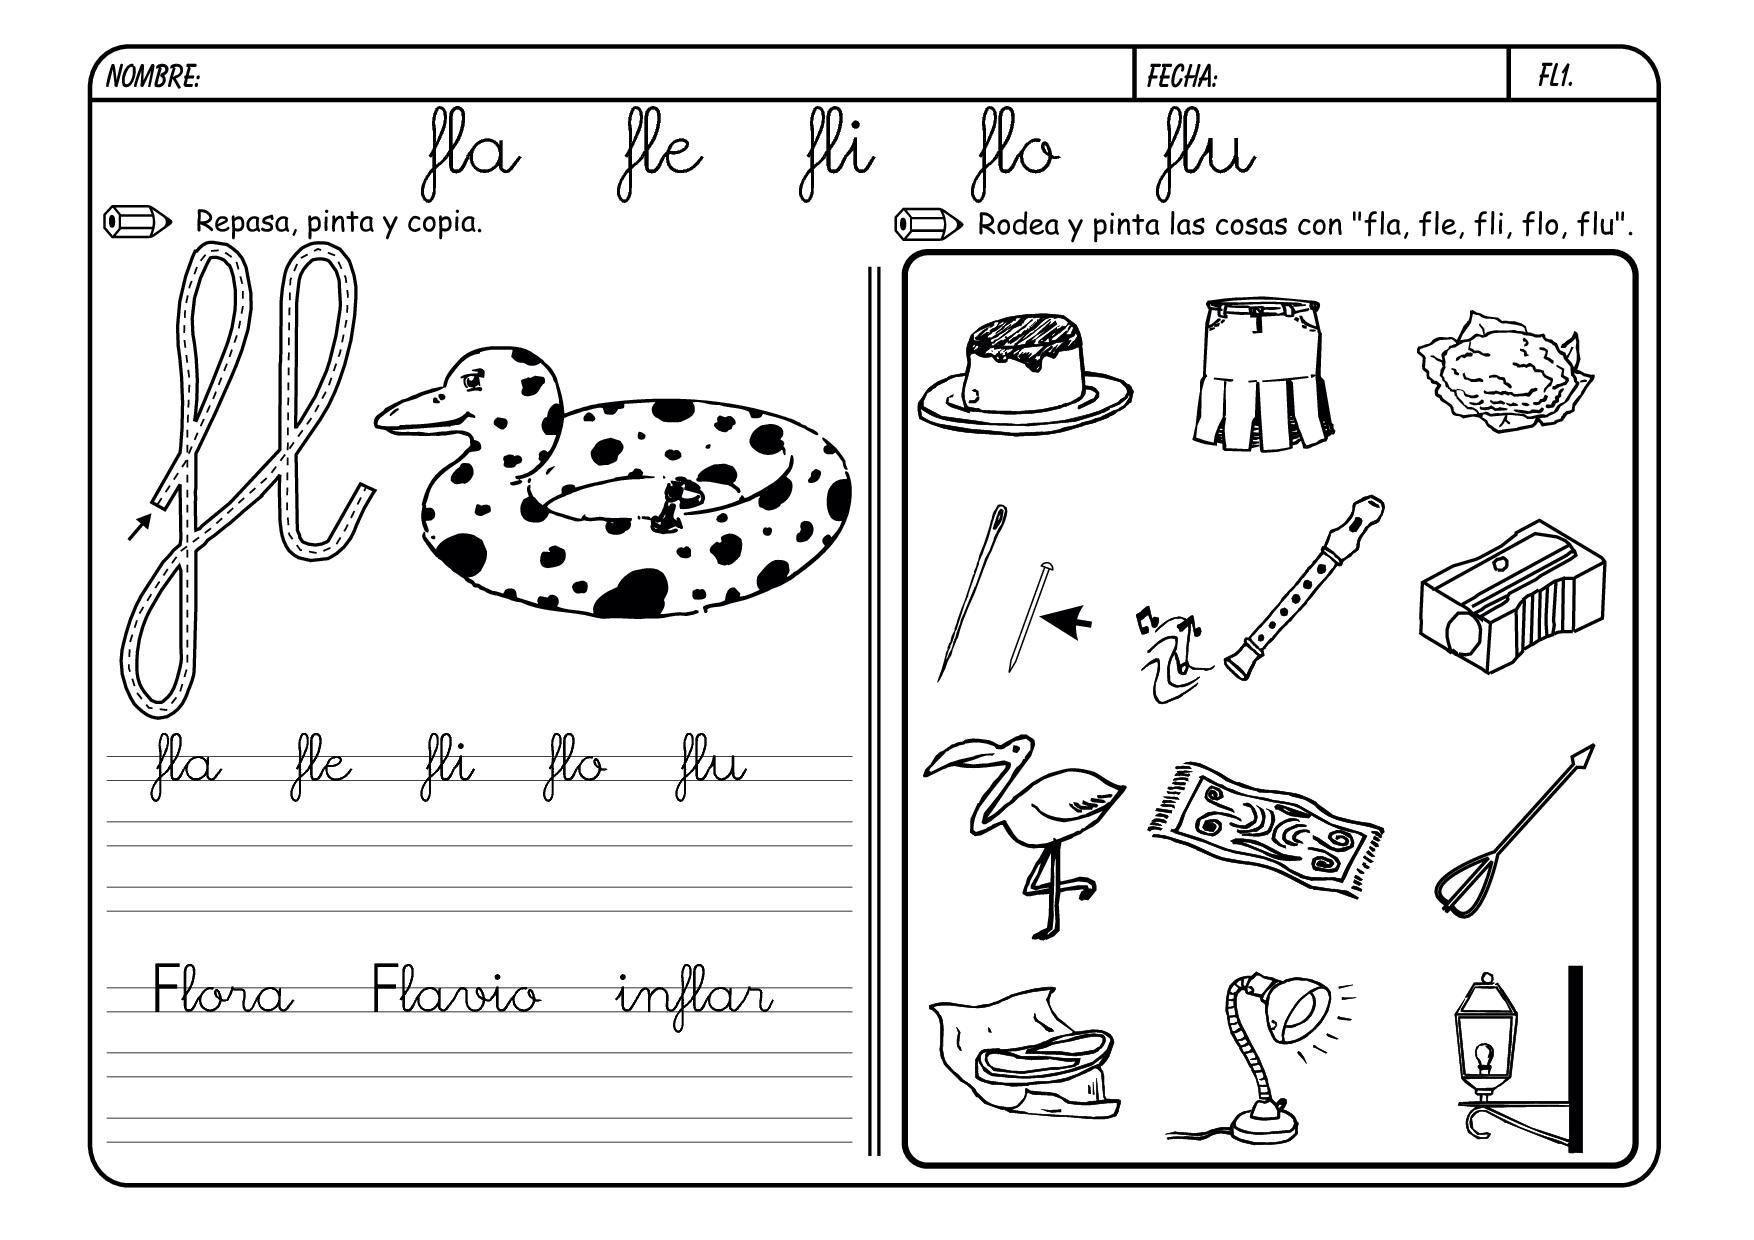 Dibujos Con La Trabada Br: Actividades Para Los Sinfones